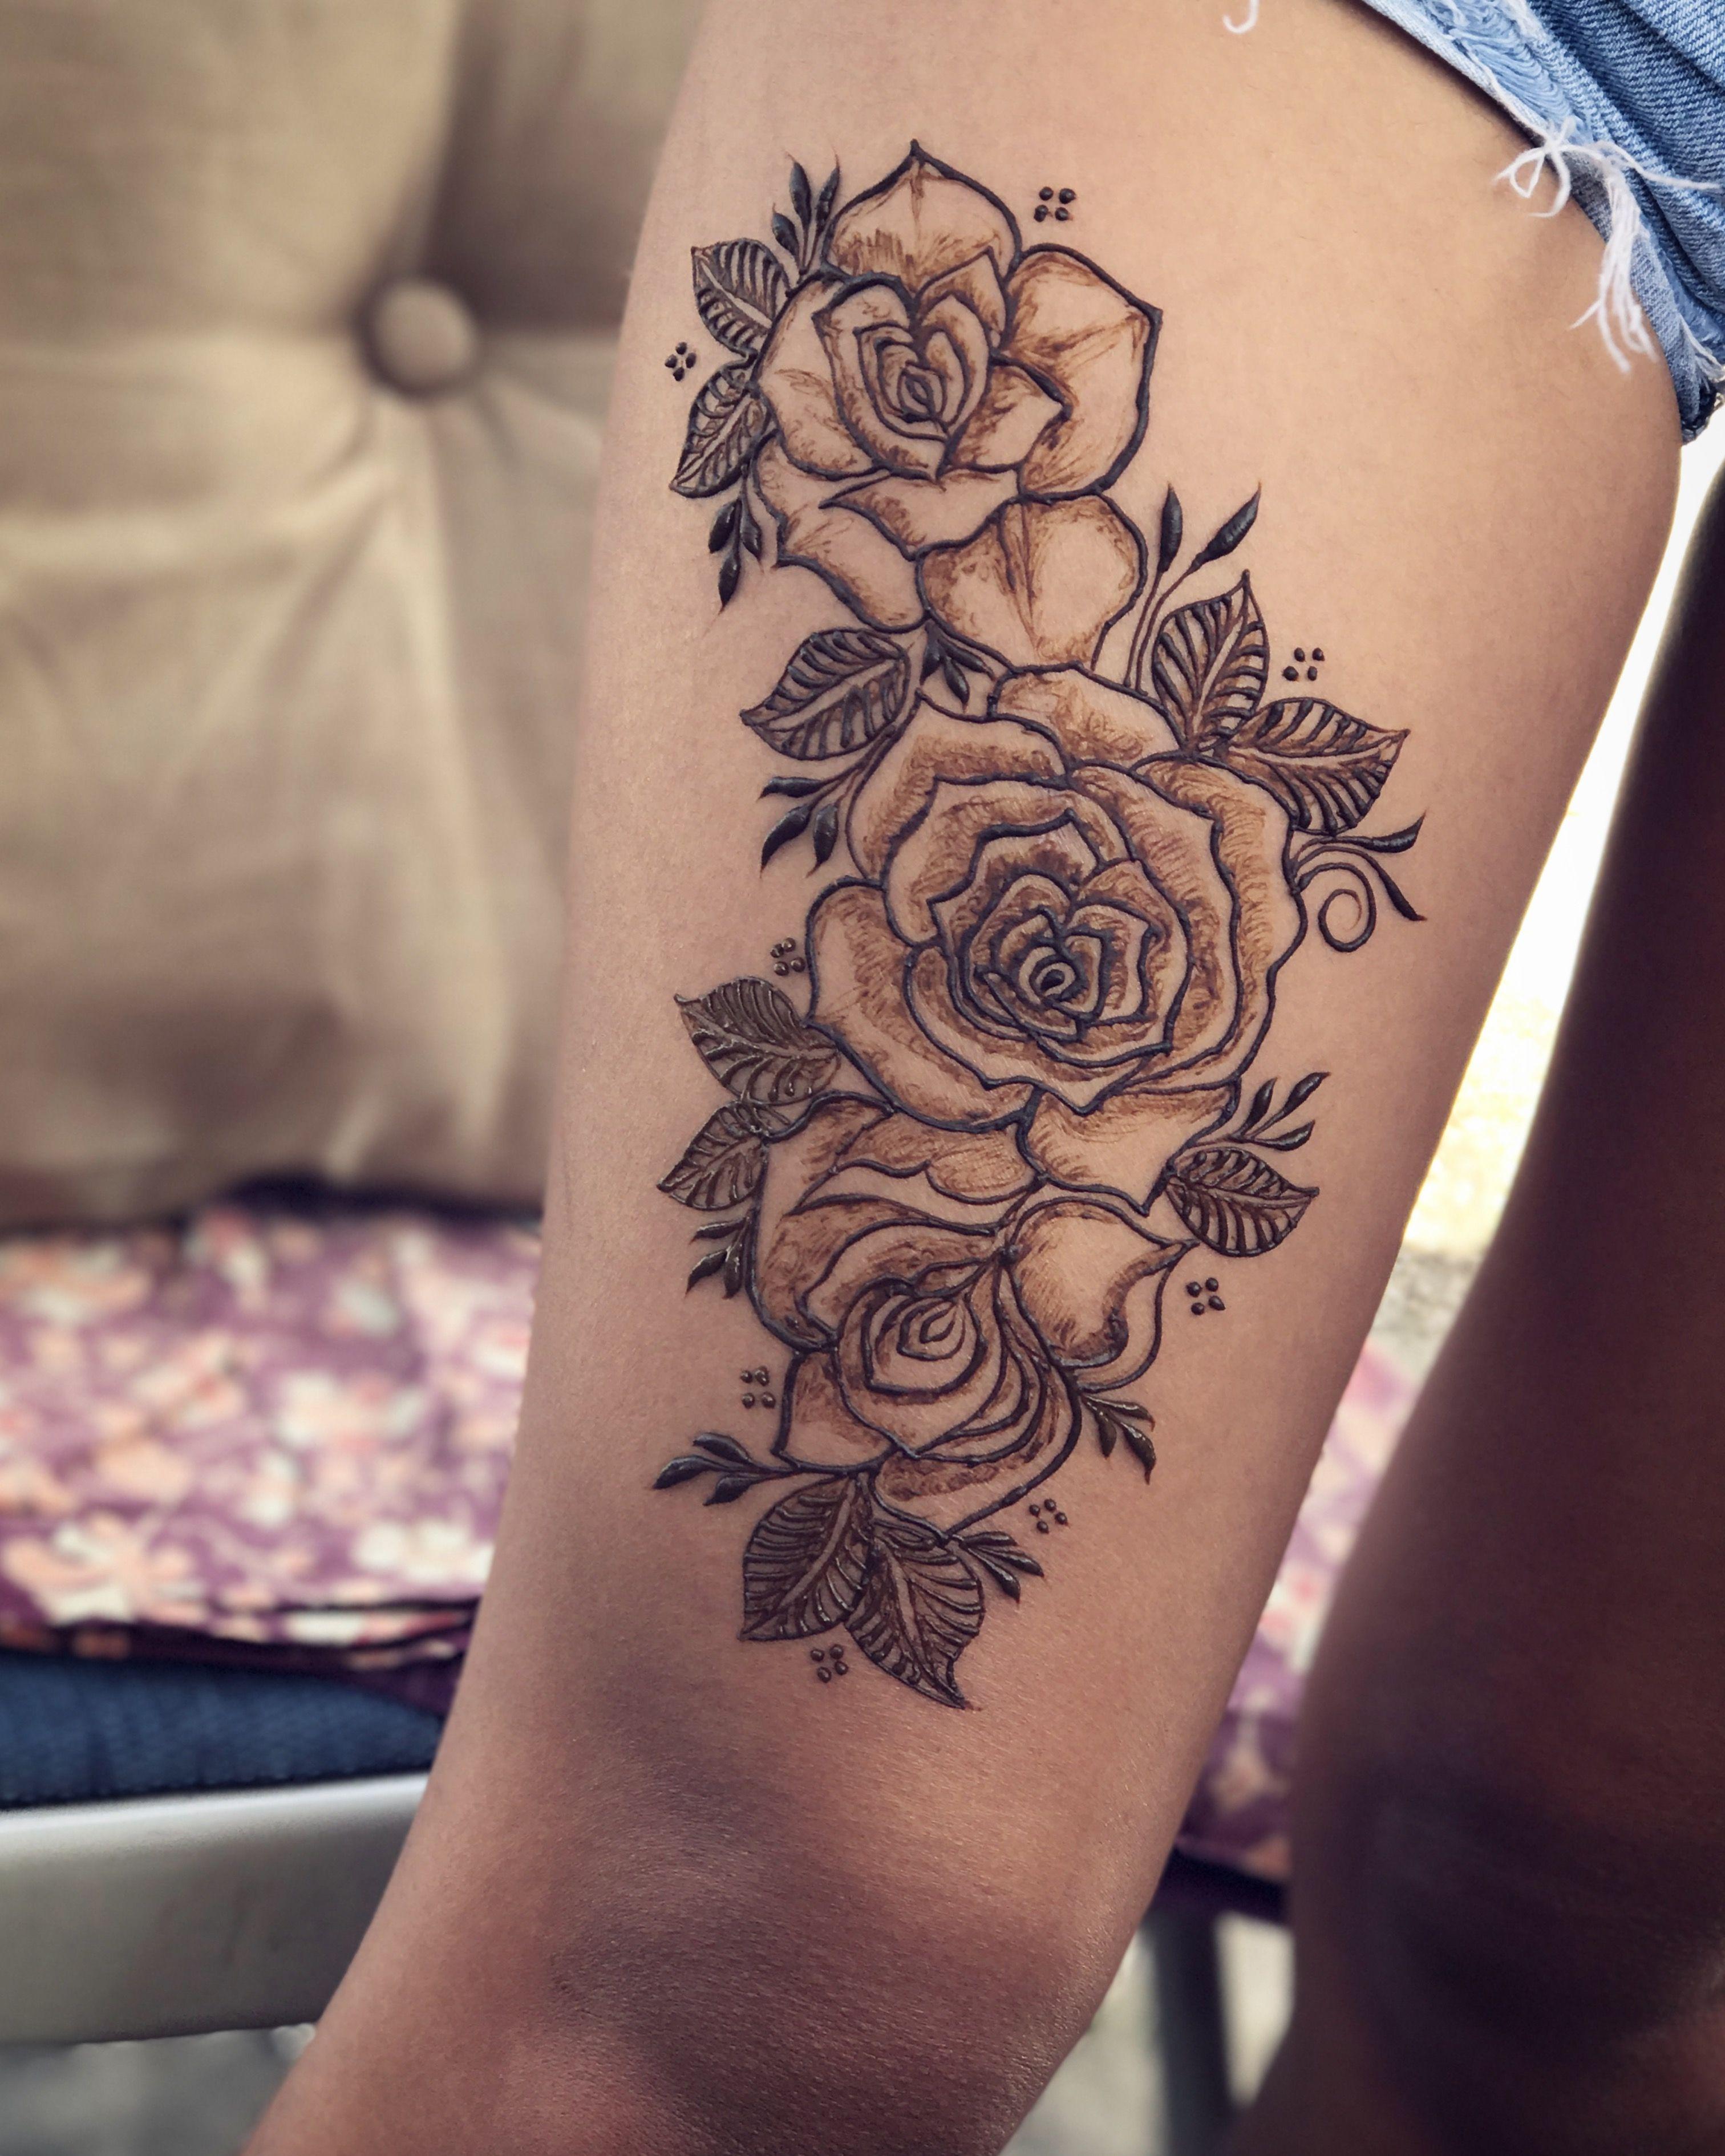 Rose Henna Tattoo Floral Henna Design Flower Henna Rose Henna Floral Henna Designs